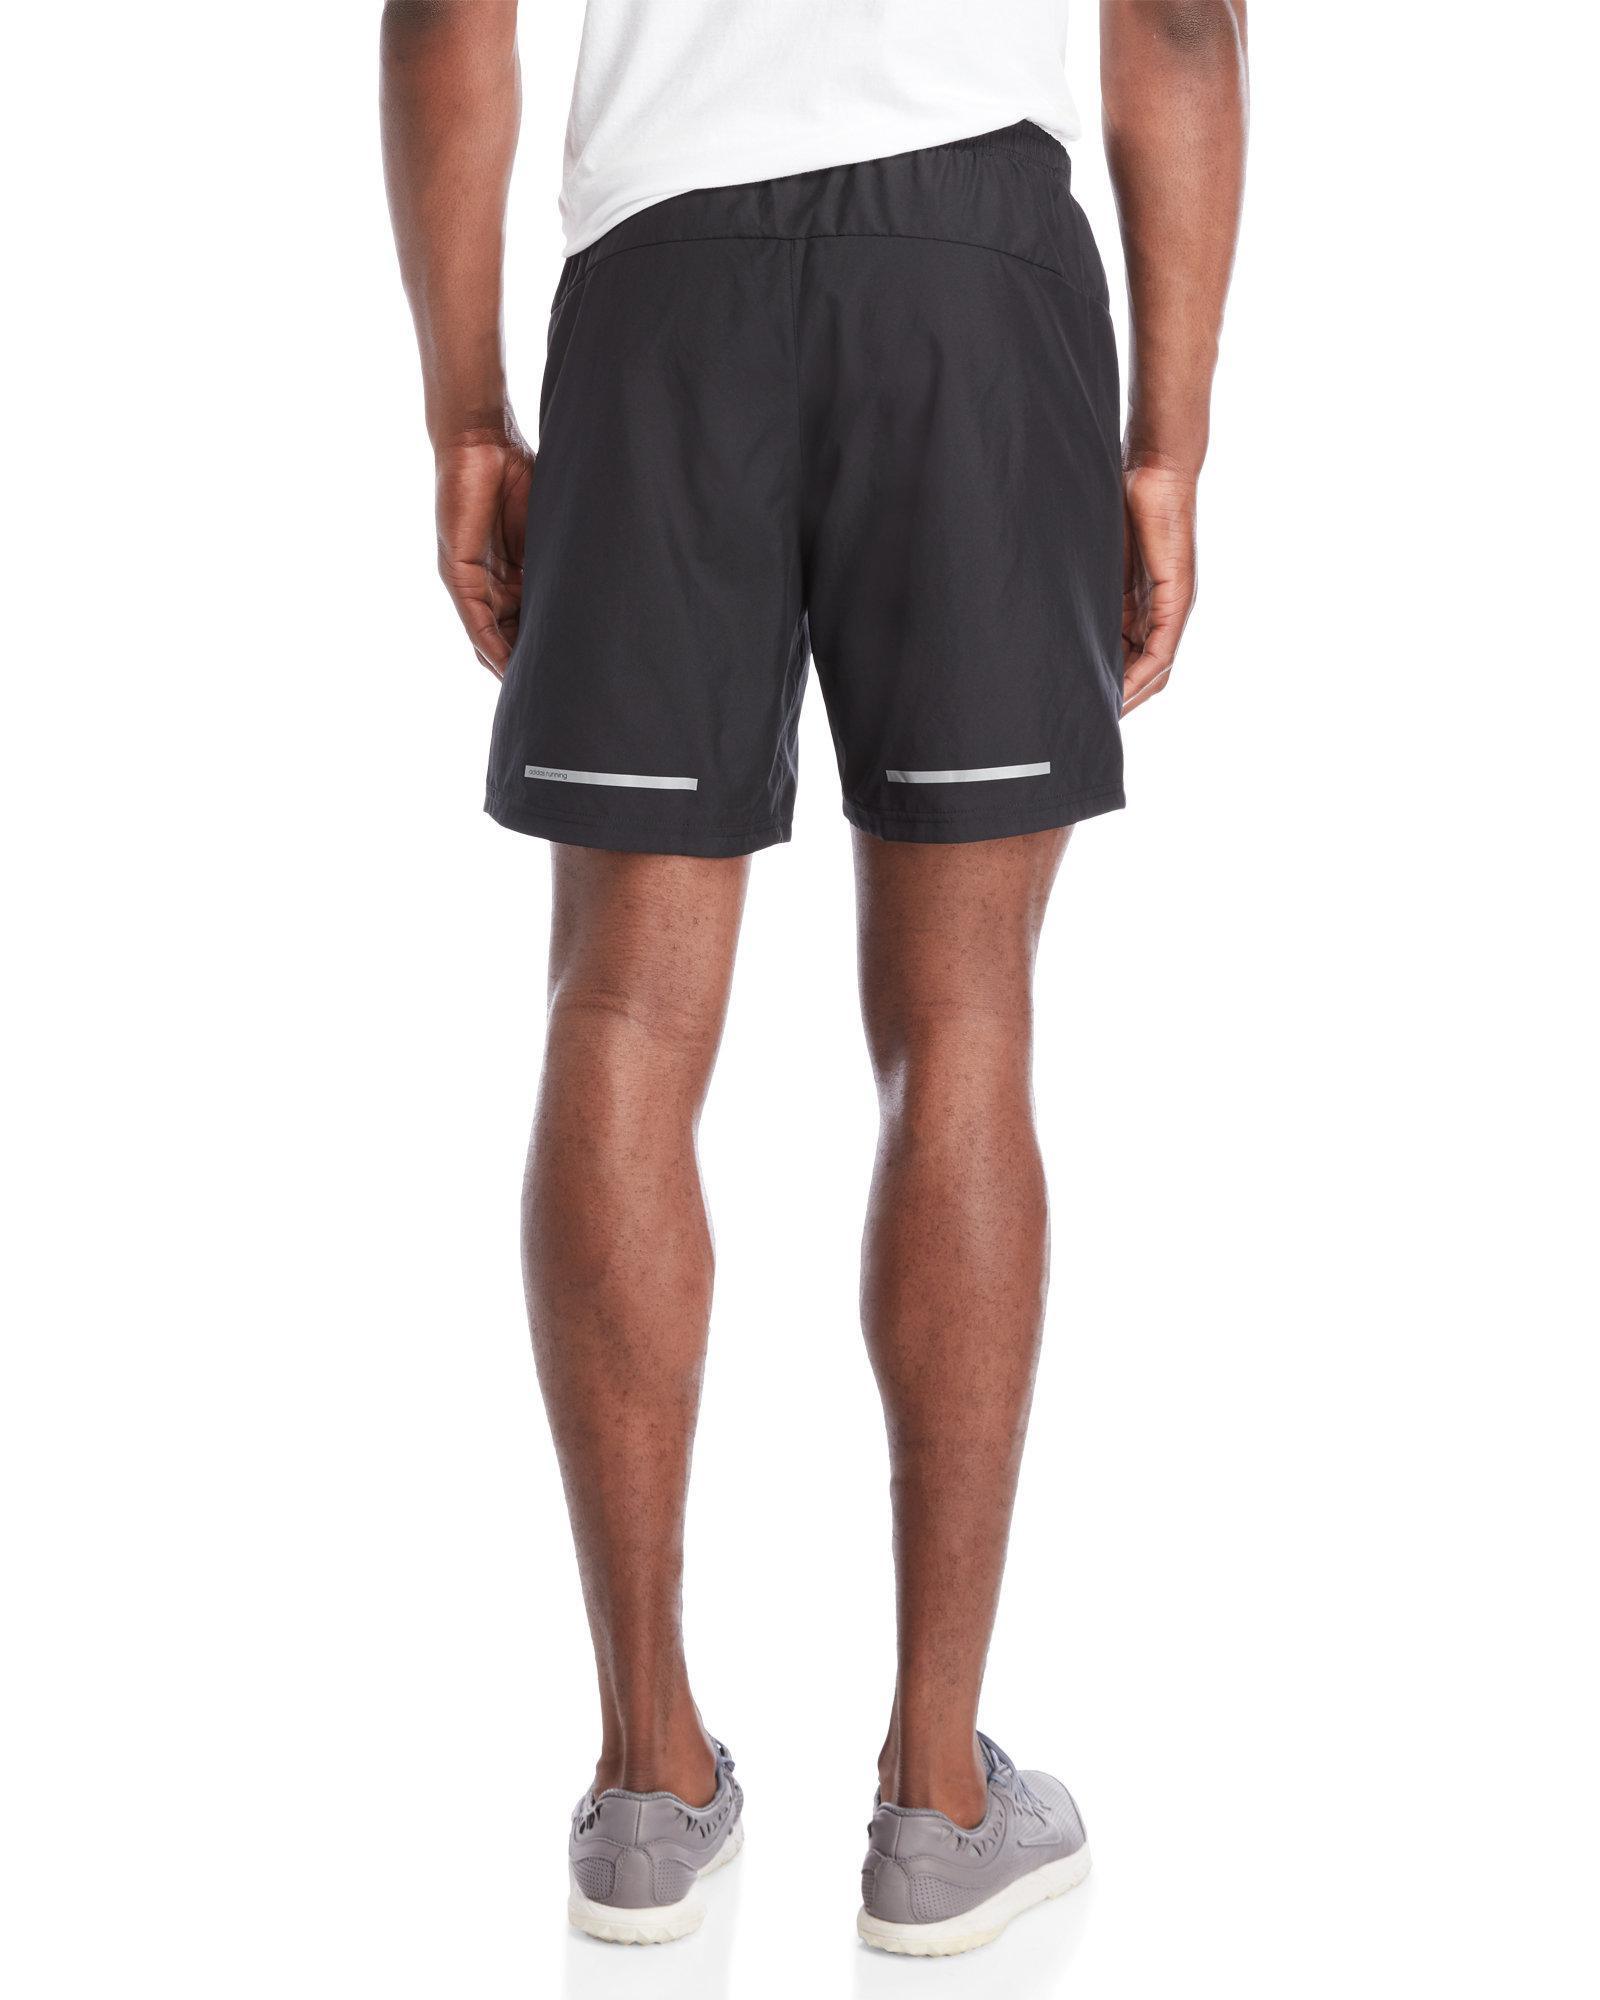 Men/'s Adidas Reflective Shorts Camo Hype Polyester